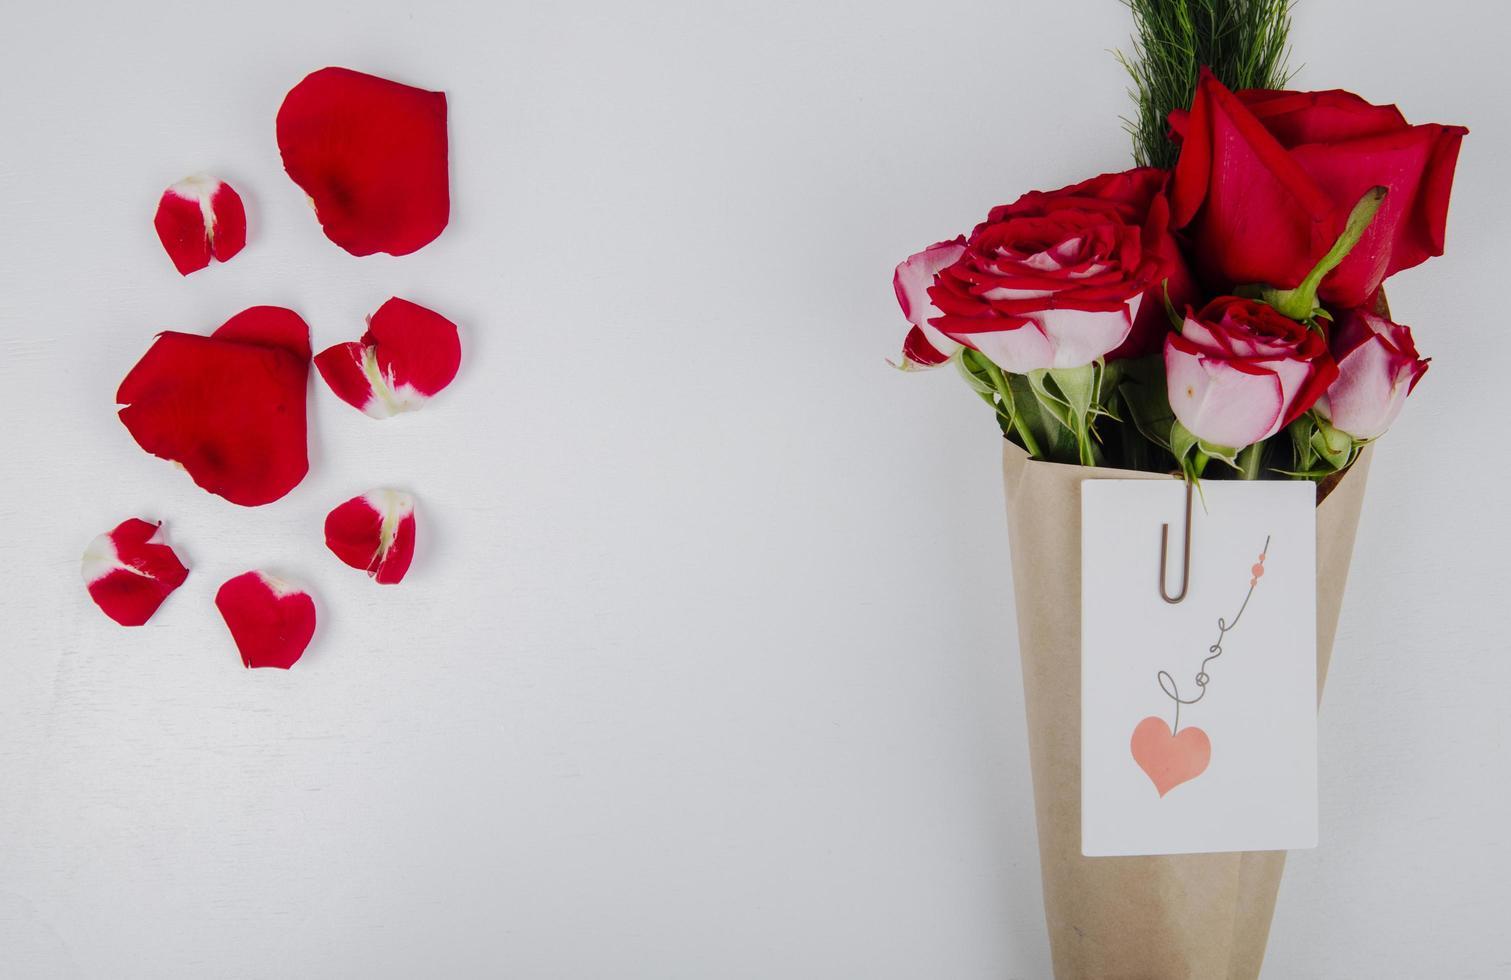 vue de dessus d'un bouquet de roses de couleur rouge photo